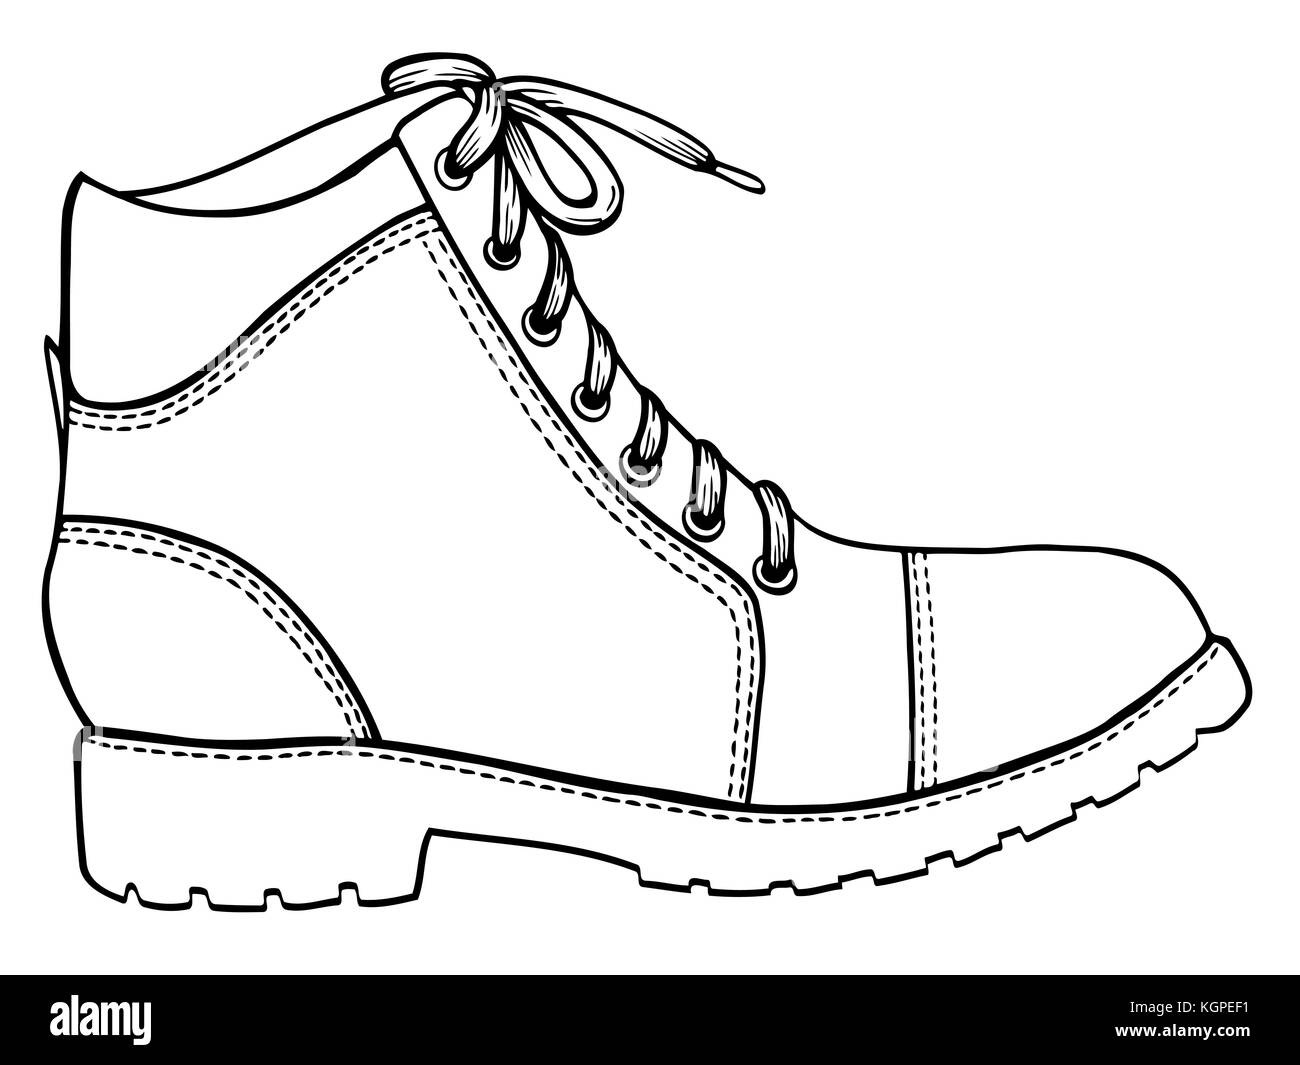 Hand Gezeichnet Abbildung Schuh Skizze Symbol Auf Weissem Hintergrund